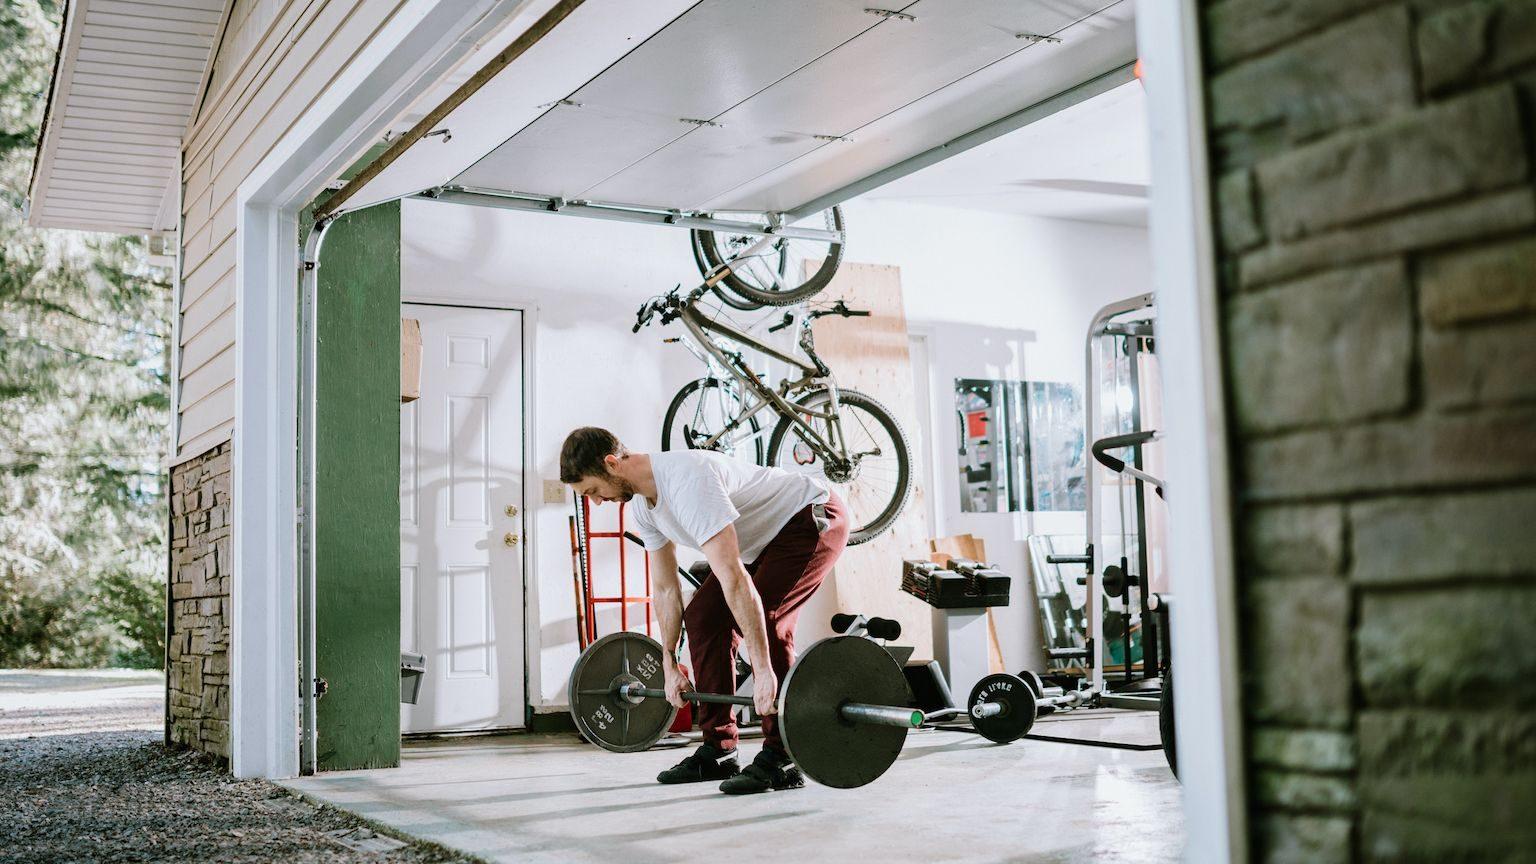 Man lifting weights at home